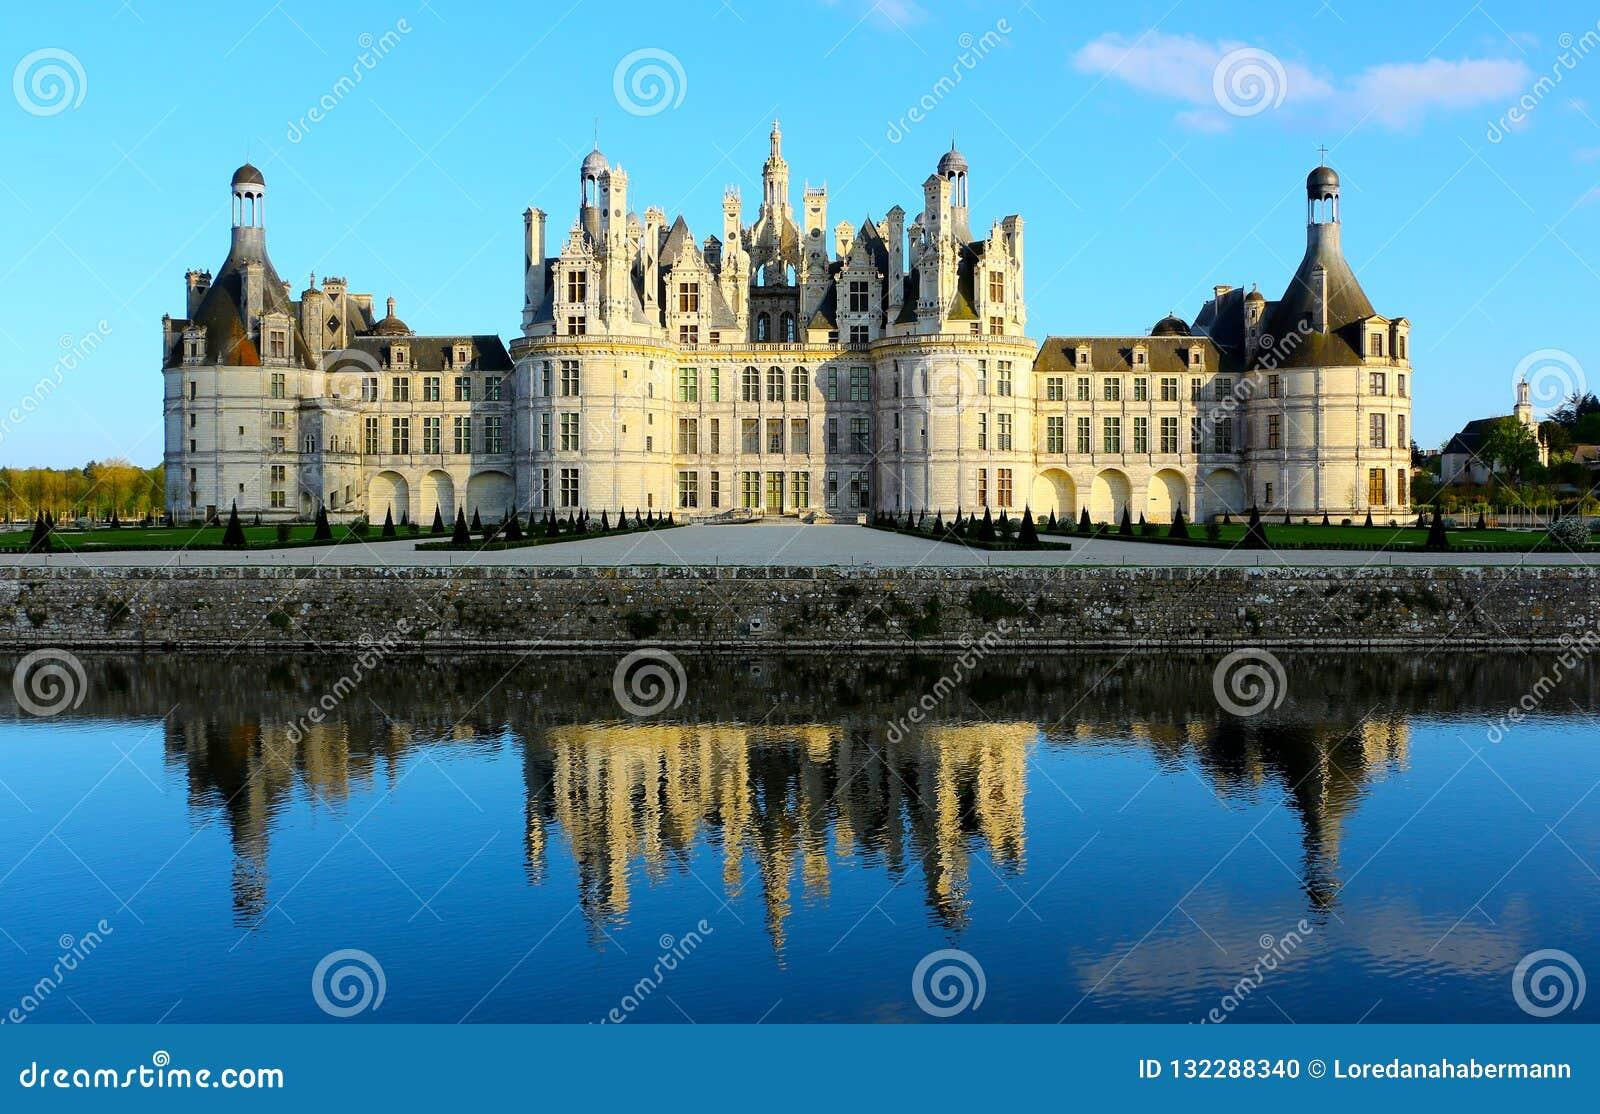 Castelo de Chambord é o castelo o maior no Loire Valley, França